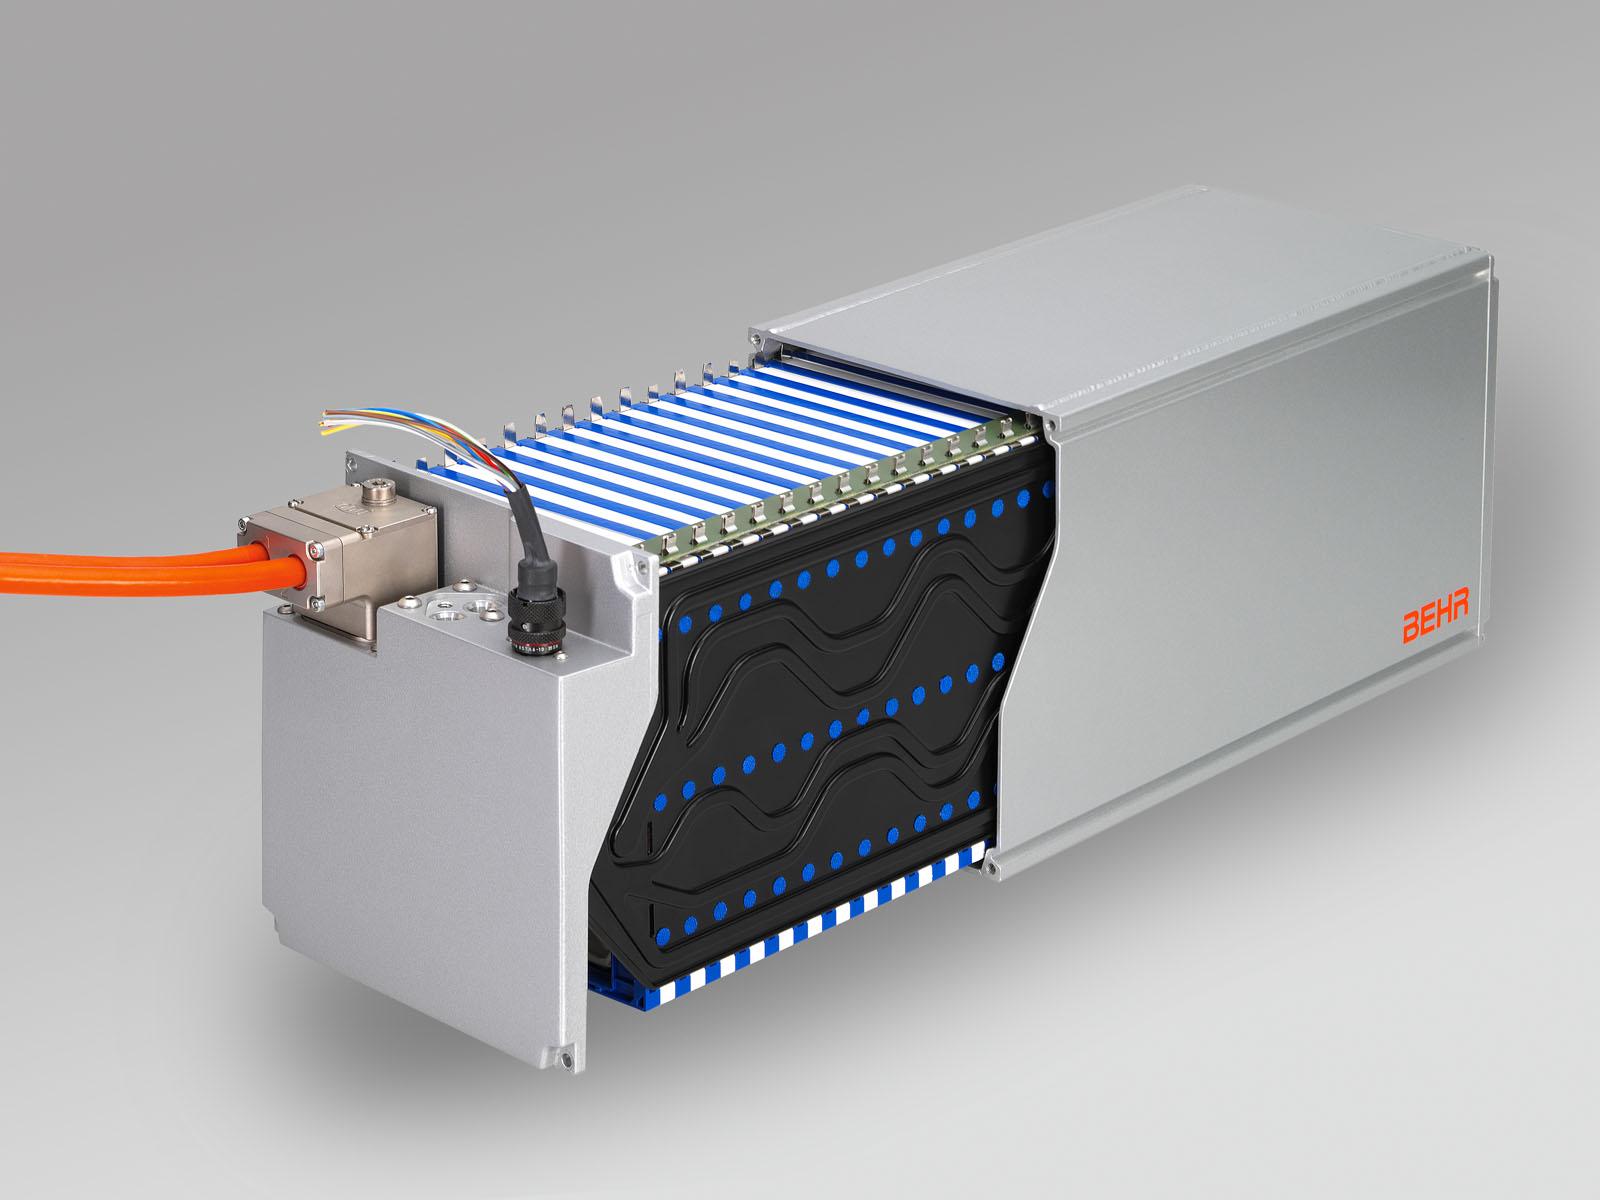 0038 - Behr: Coole Kühler für Motoren